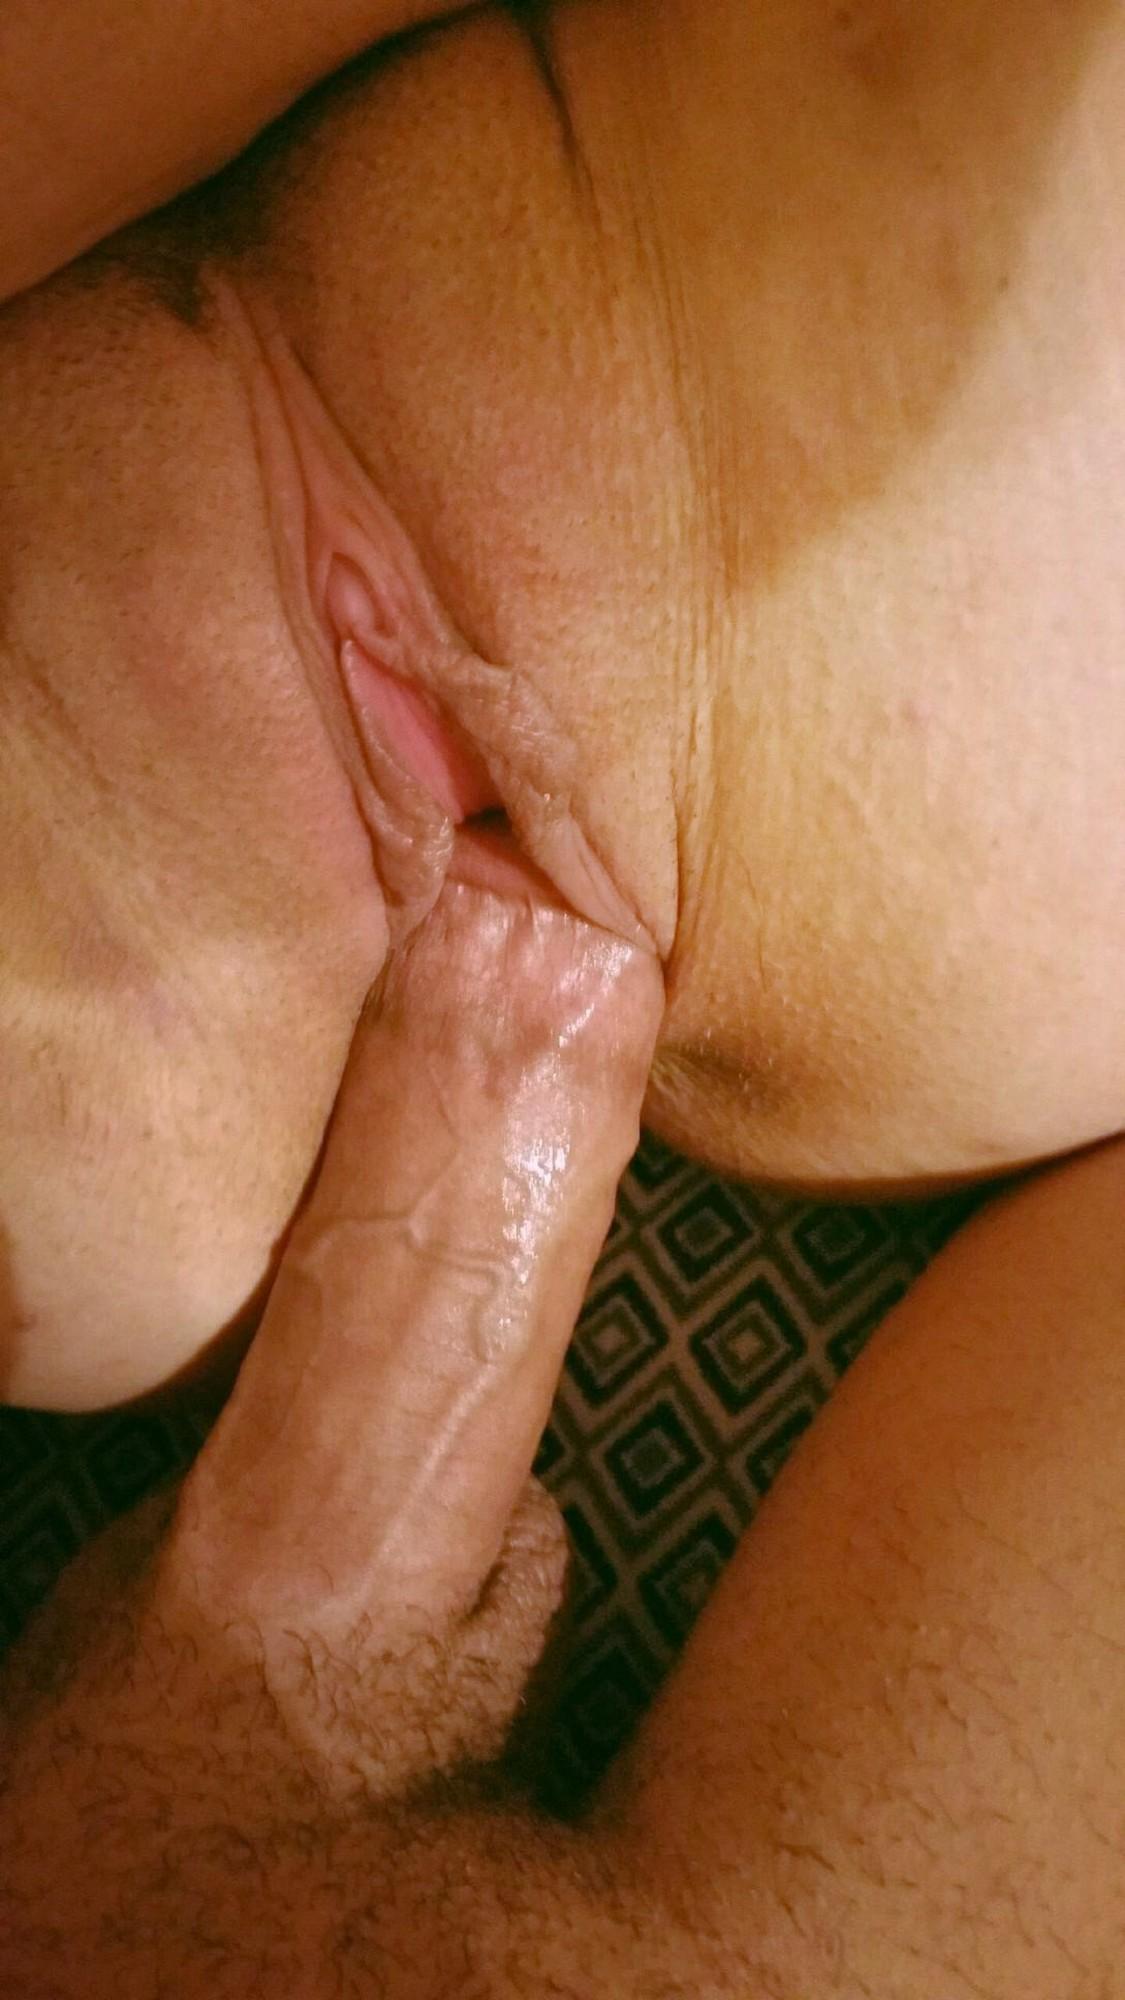 Анонимно присланные снимки грудастой неформалки с пирсингом секс фото и порно фото